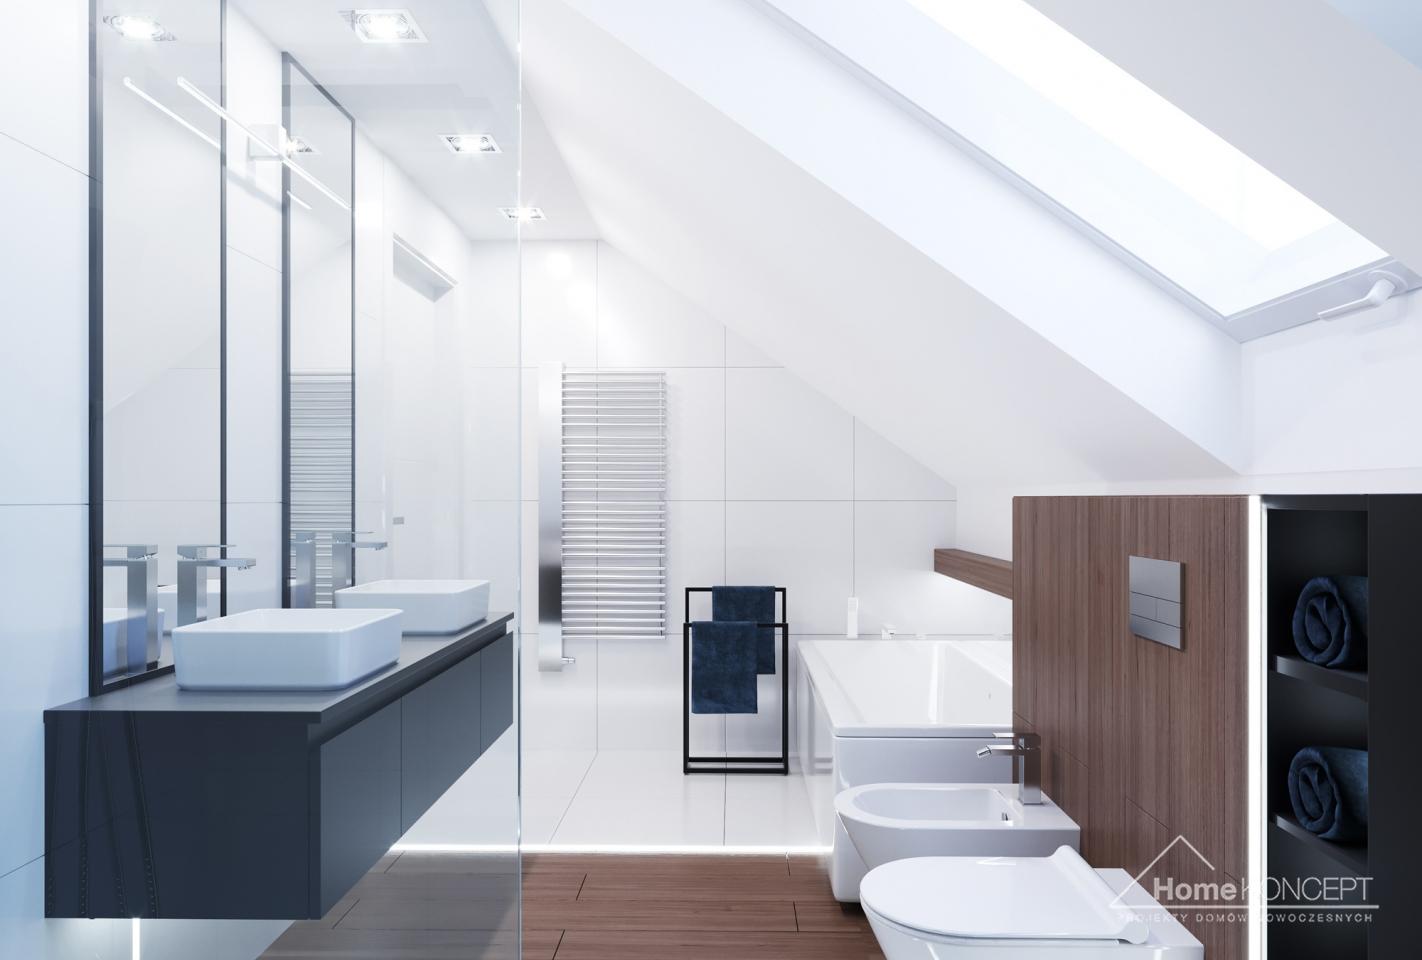 łazienka Hk01